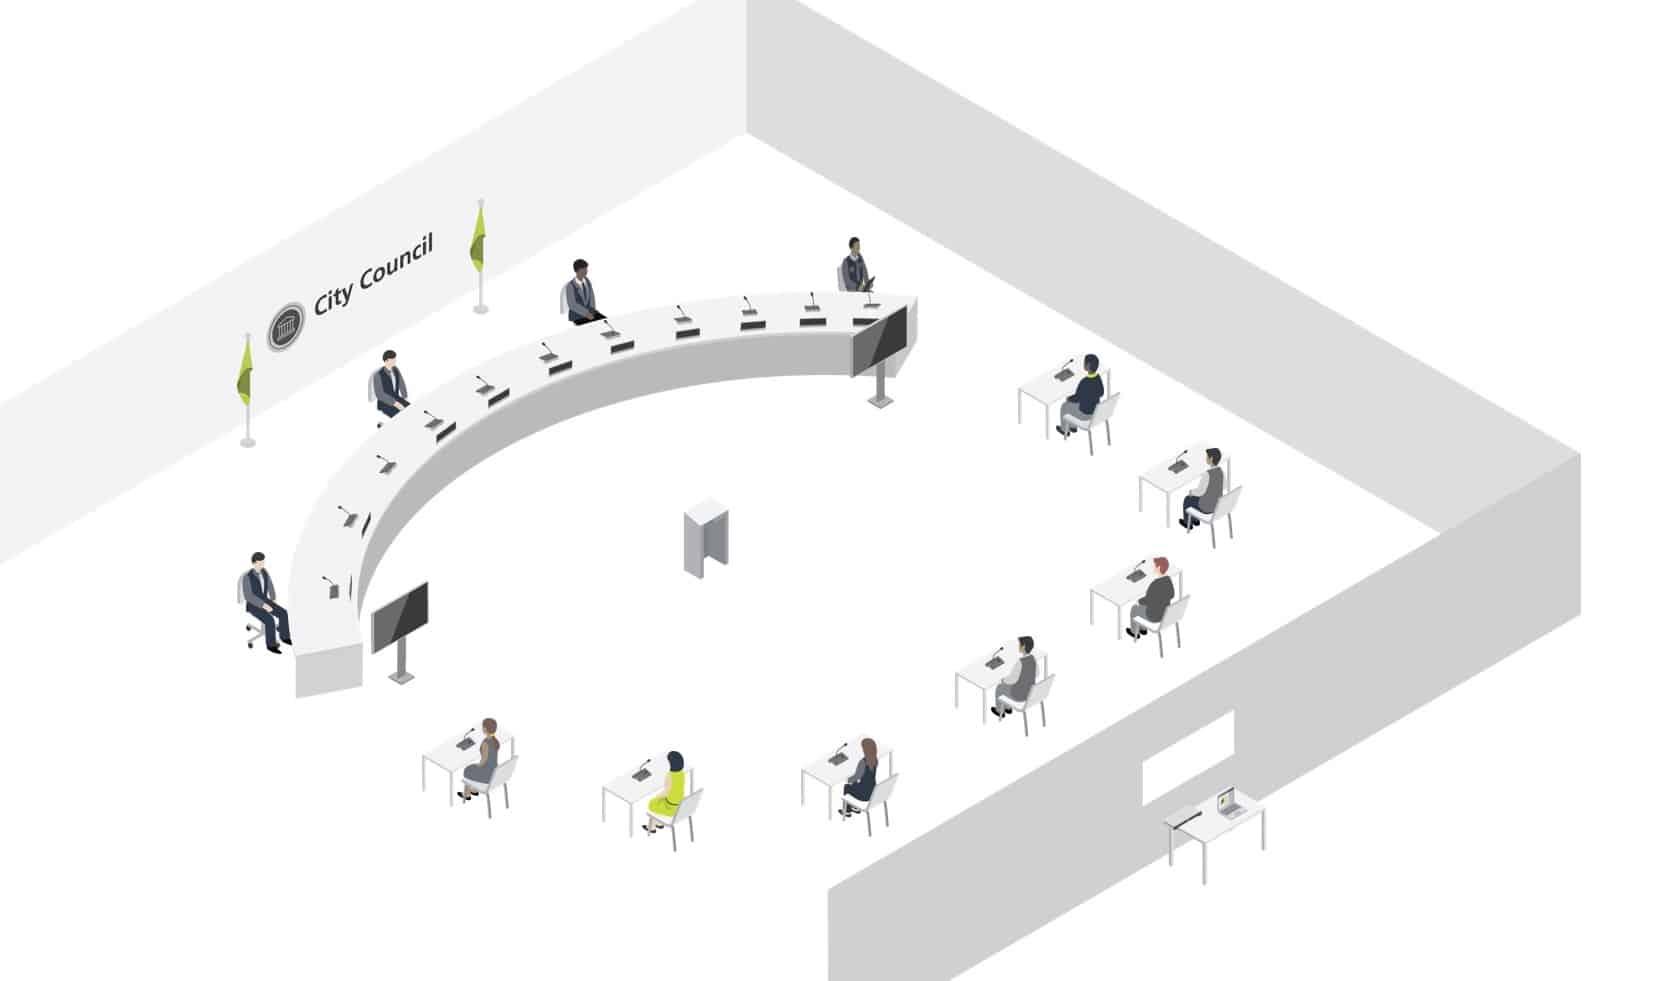 Des réunions et conférences en tout sécurité COVID 19 Televic Conference